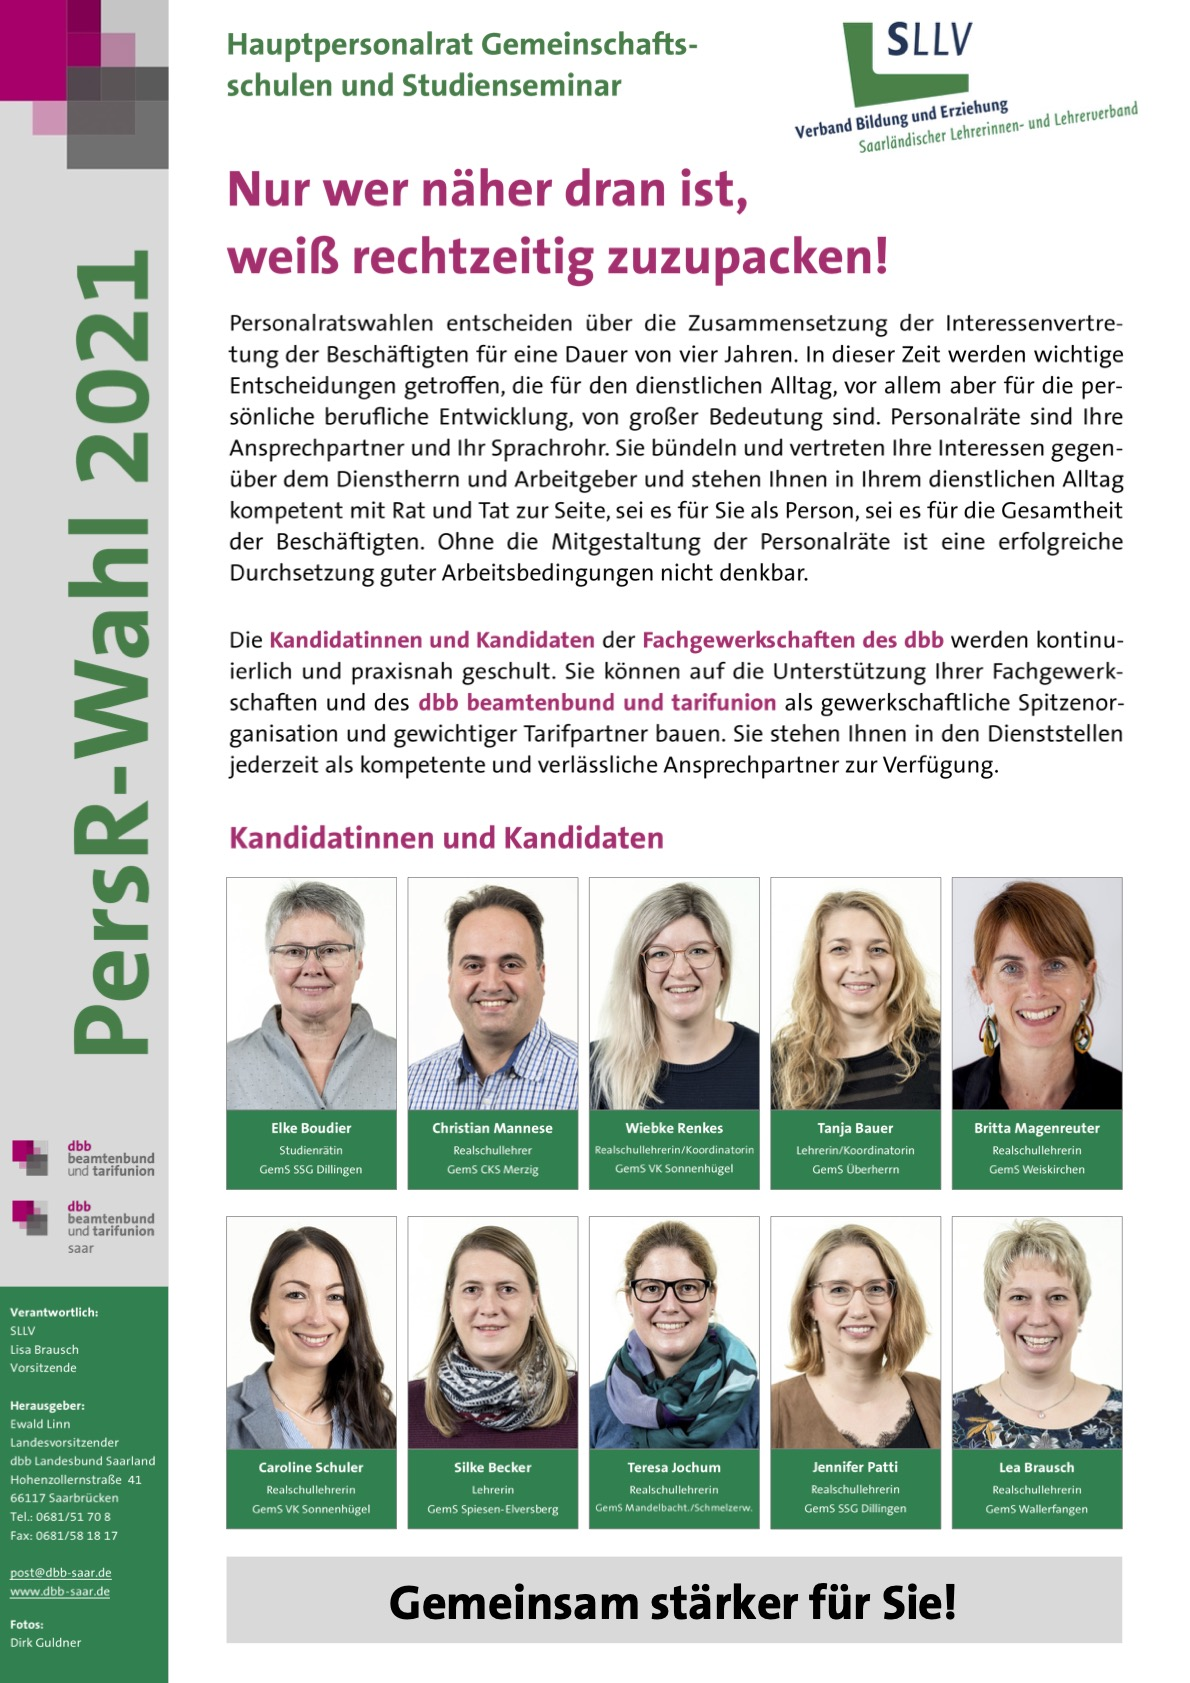 24_SLLV_HPR-Gemeinschaftsschule_Flugblatt_PersR_Wahl_01